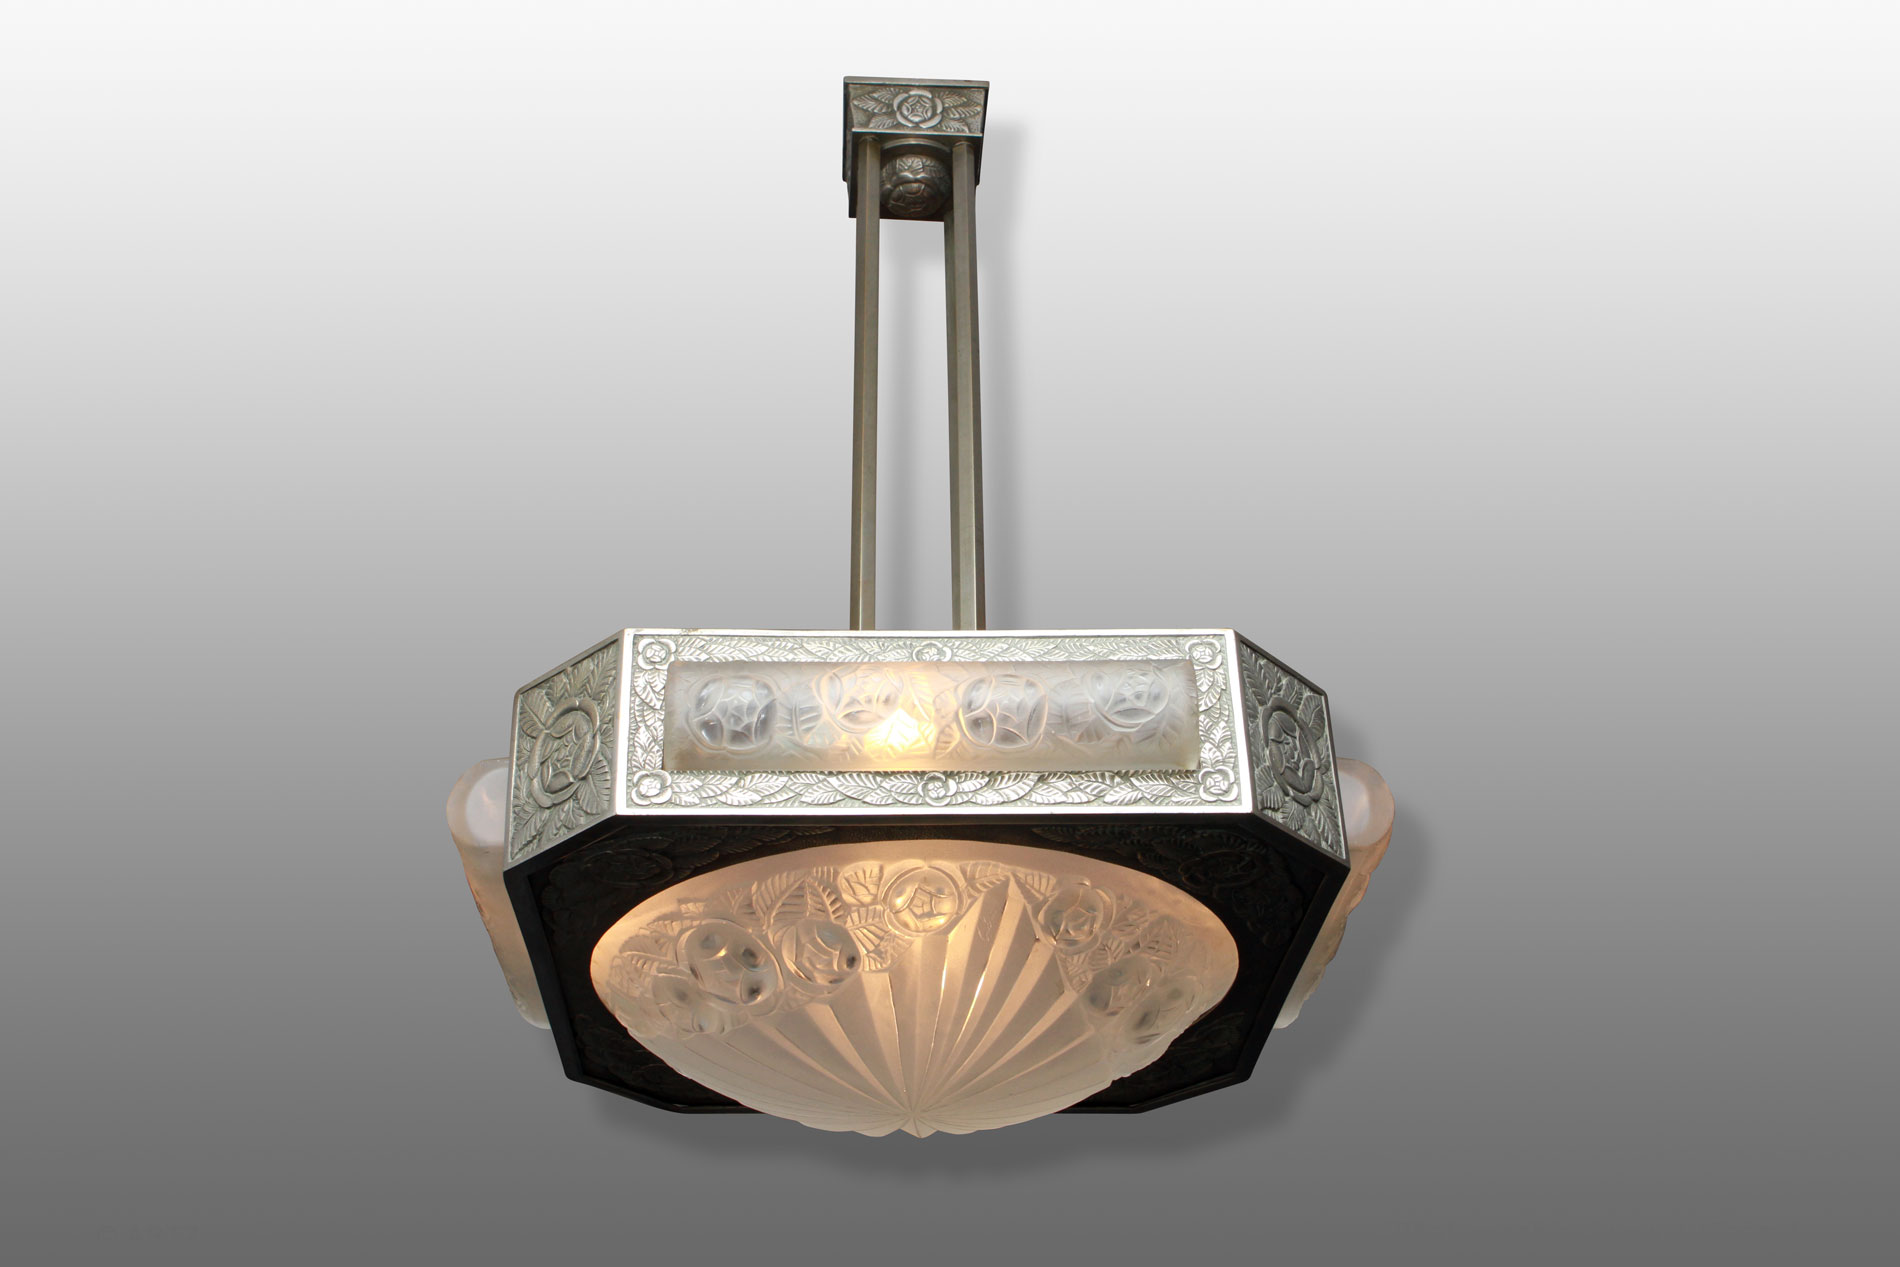 artz sp cialiste art d co lustres vases coupes meubles bronzes et accessoires de la p riode. Black Bedroom Furniture Sets. Home Design Ideas